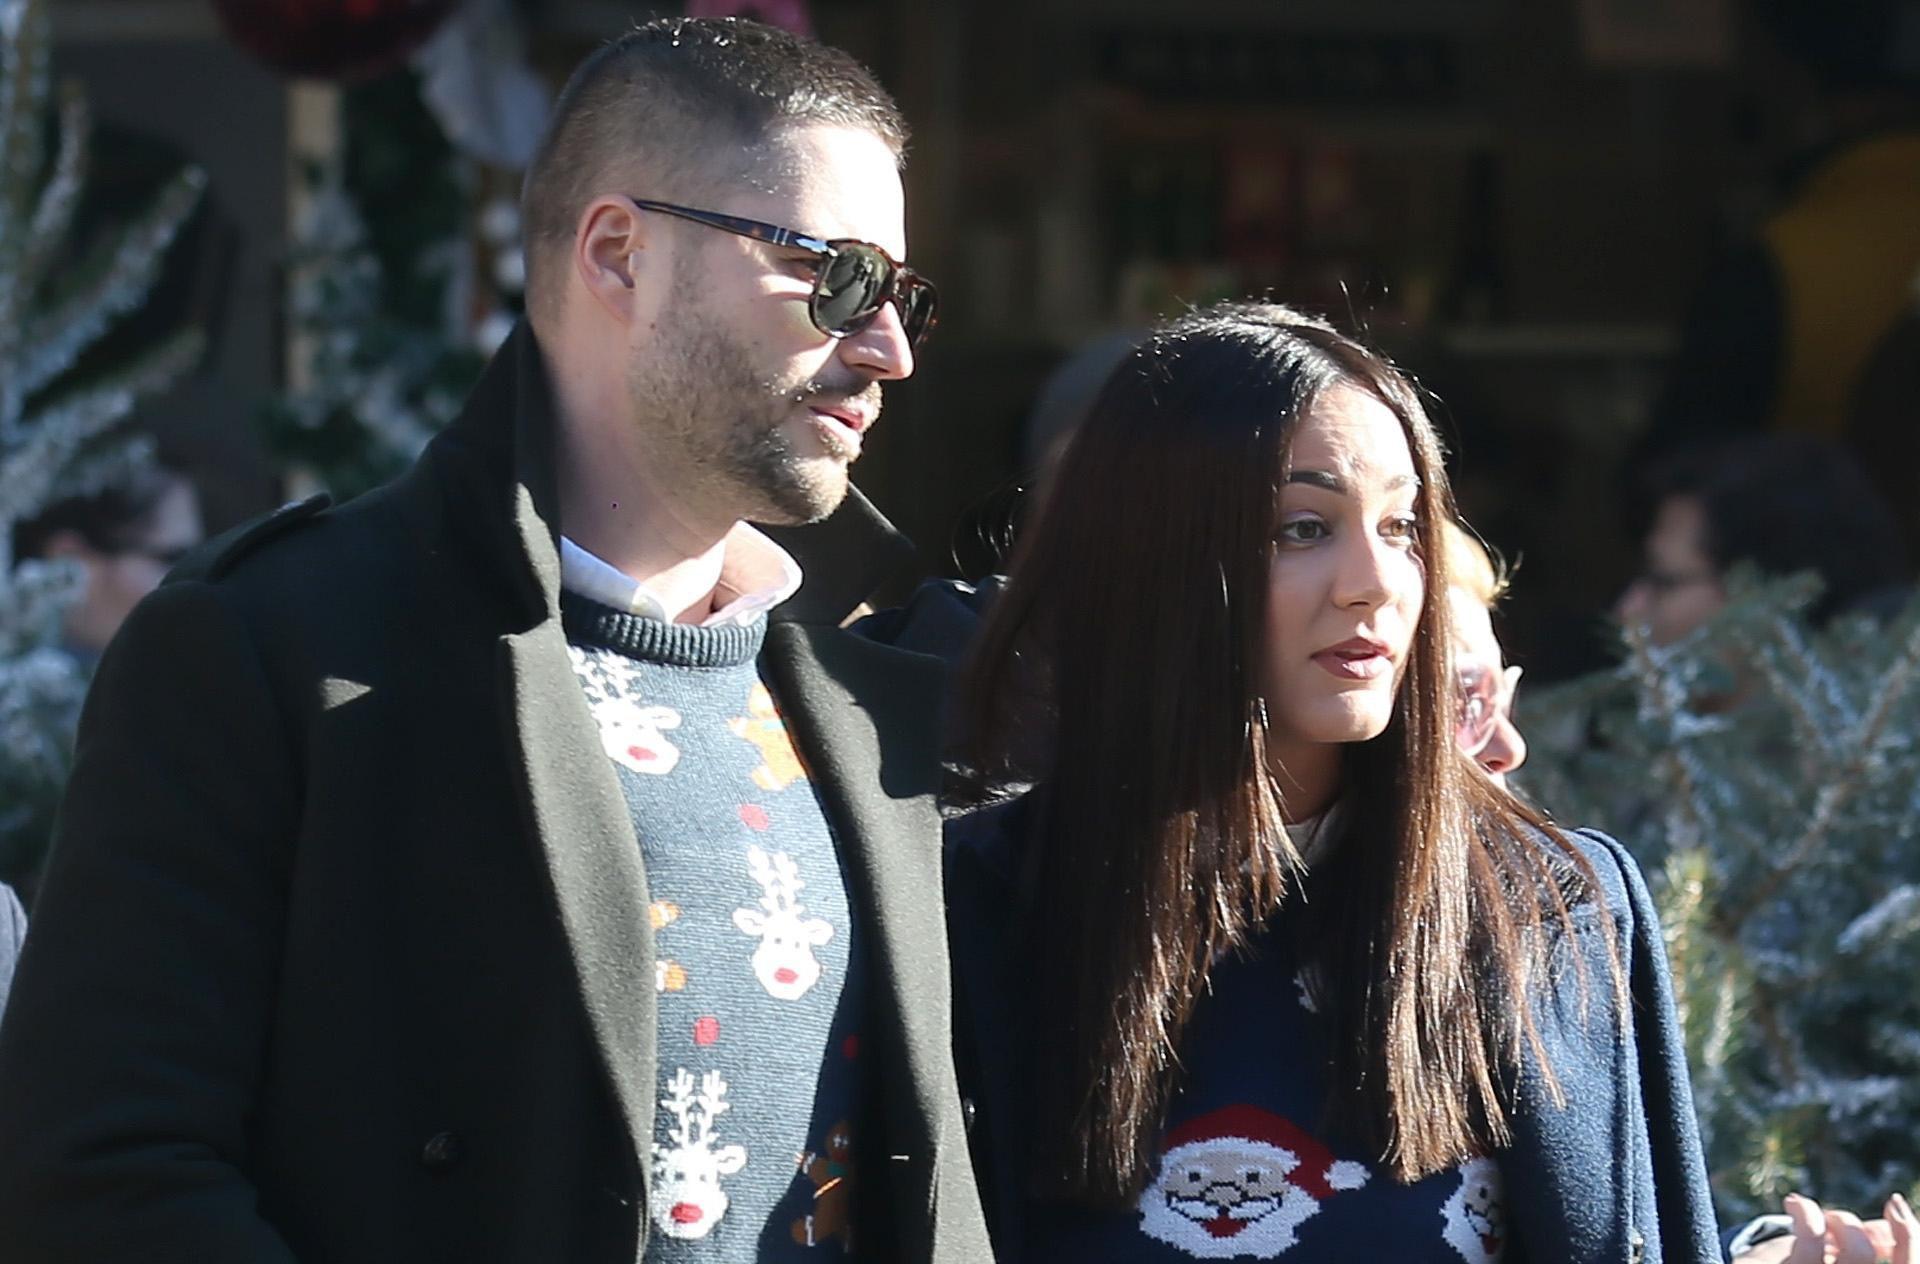 Ovaj par pokazao nam je kako ružni božićni džemperi mogu izgledati fantastično